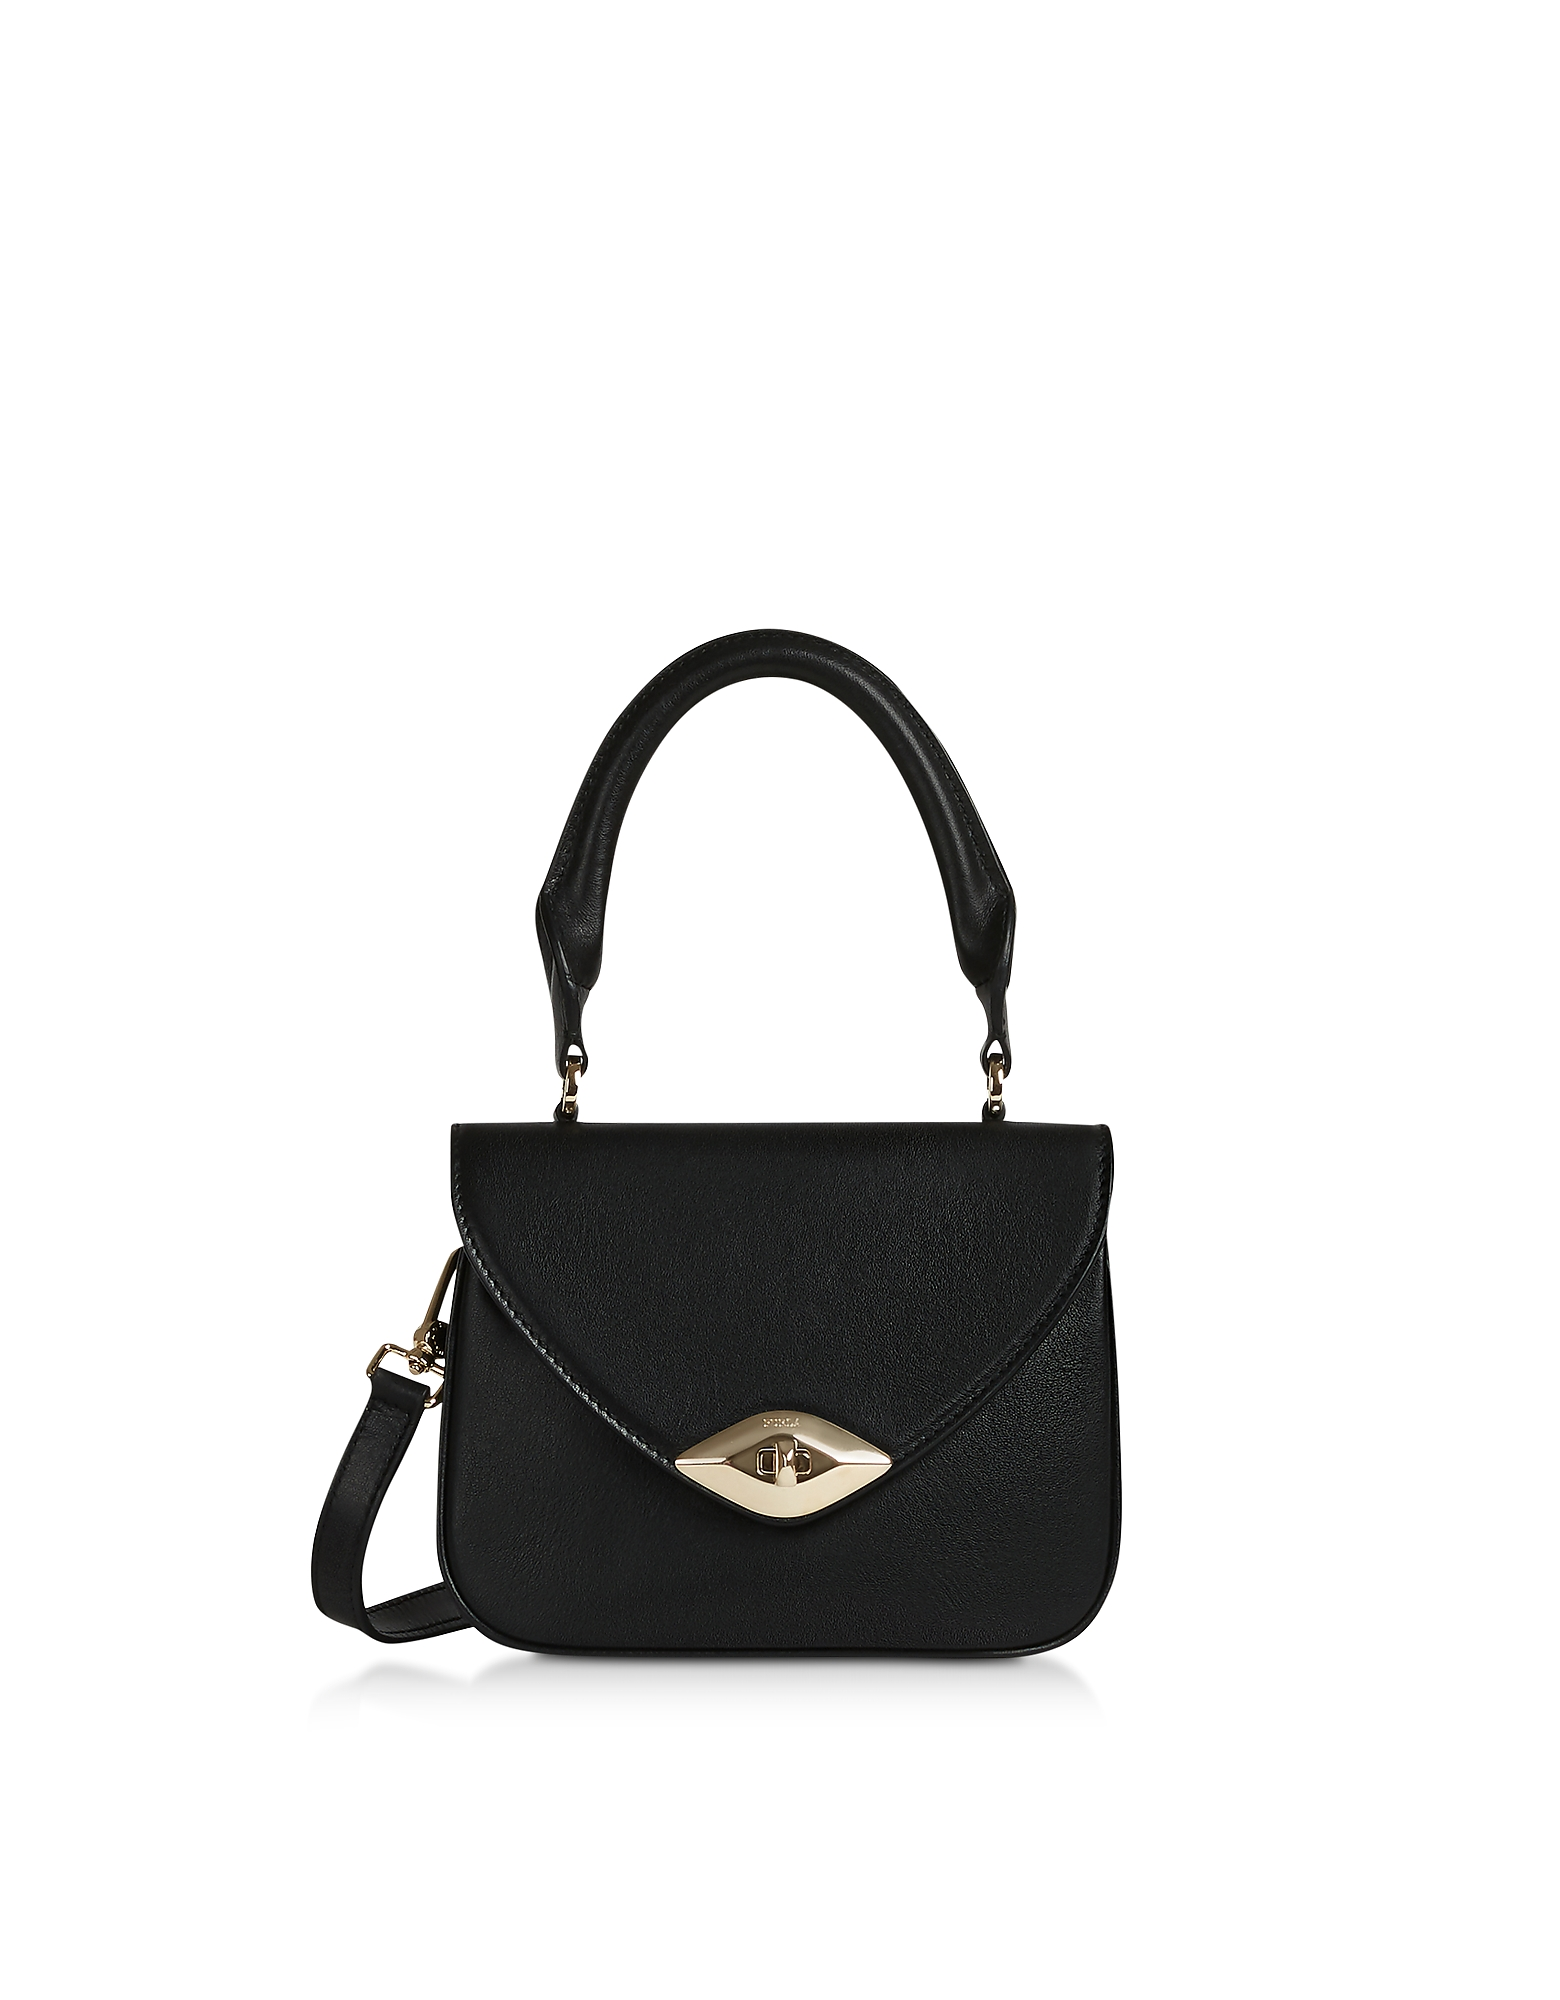 Furla Designer Handbags, Eye Mini Top Handle bag